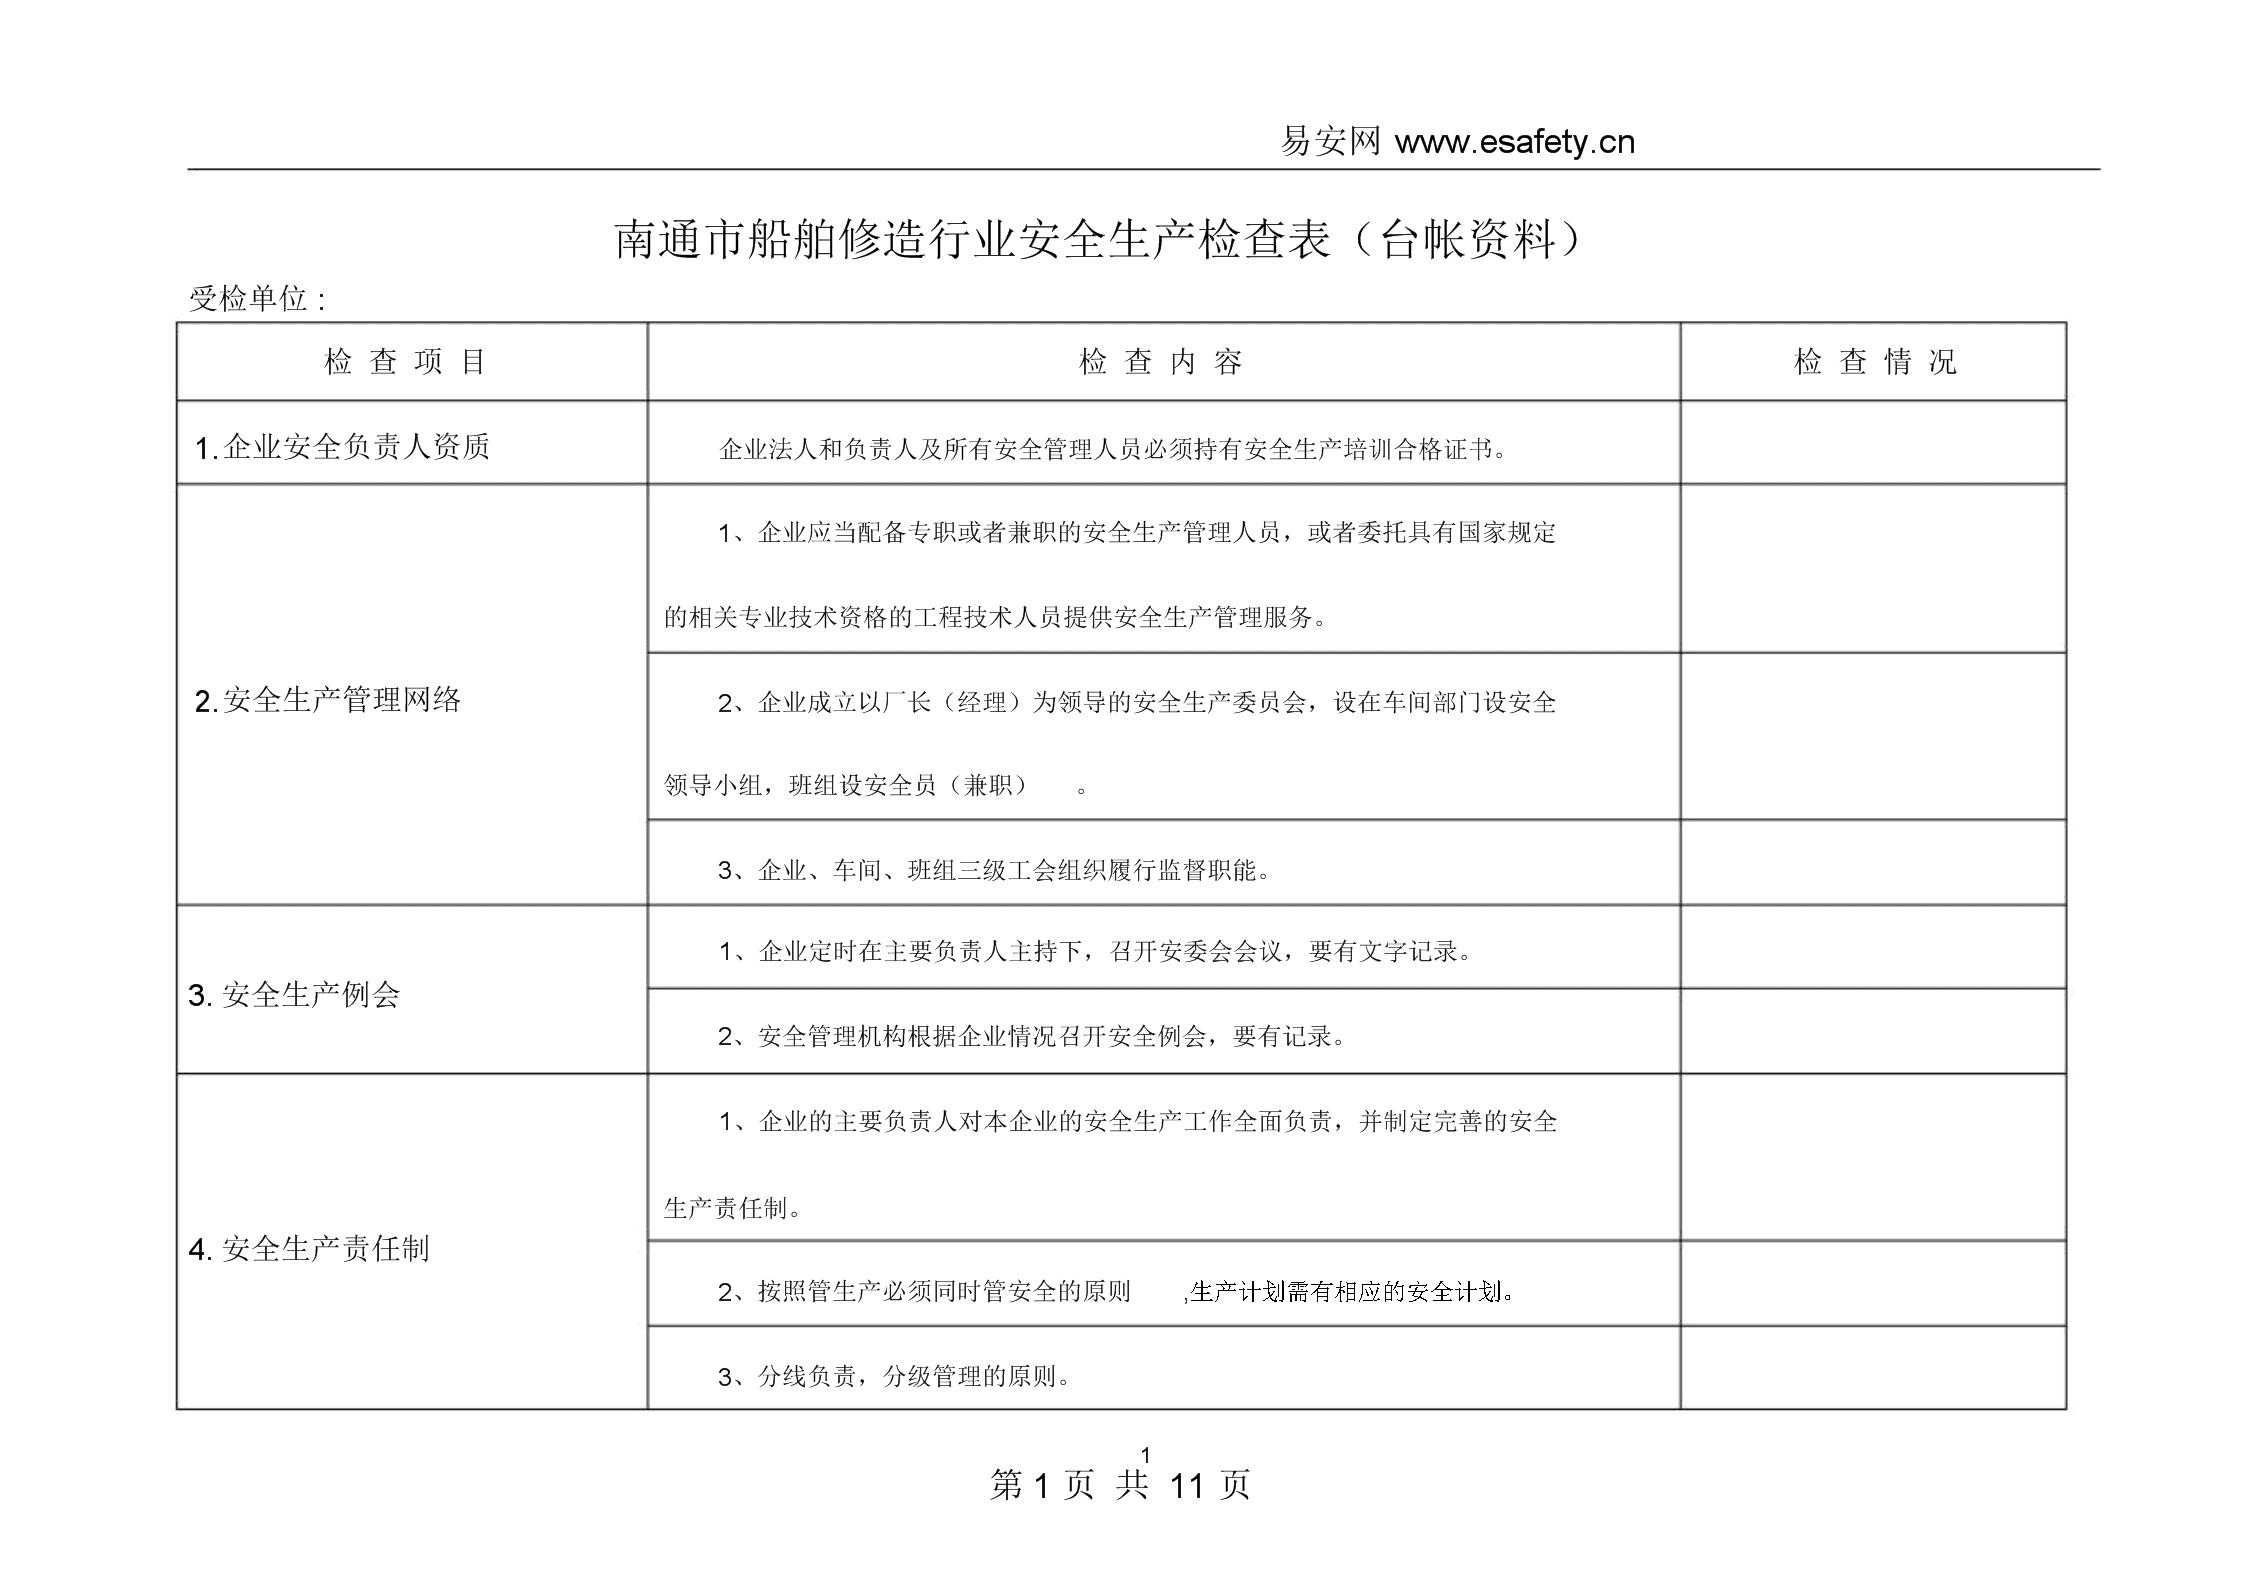 船舶修造行业安全生产检查表.docx